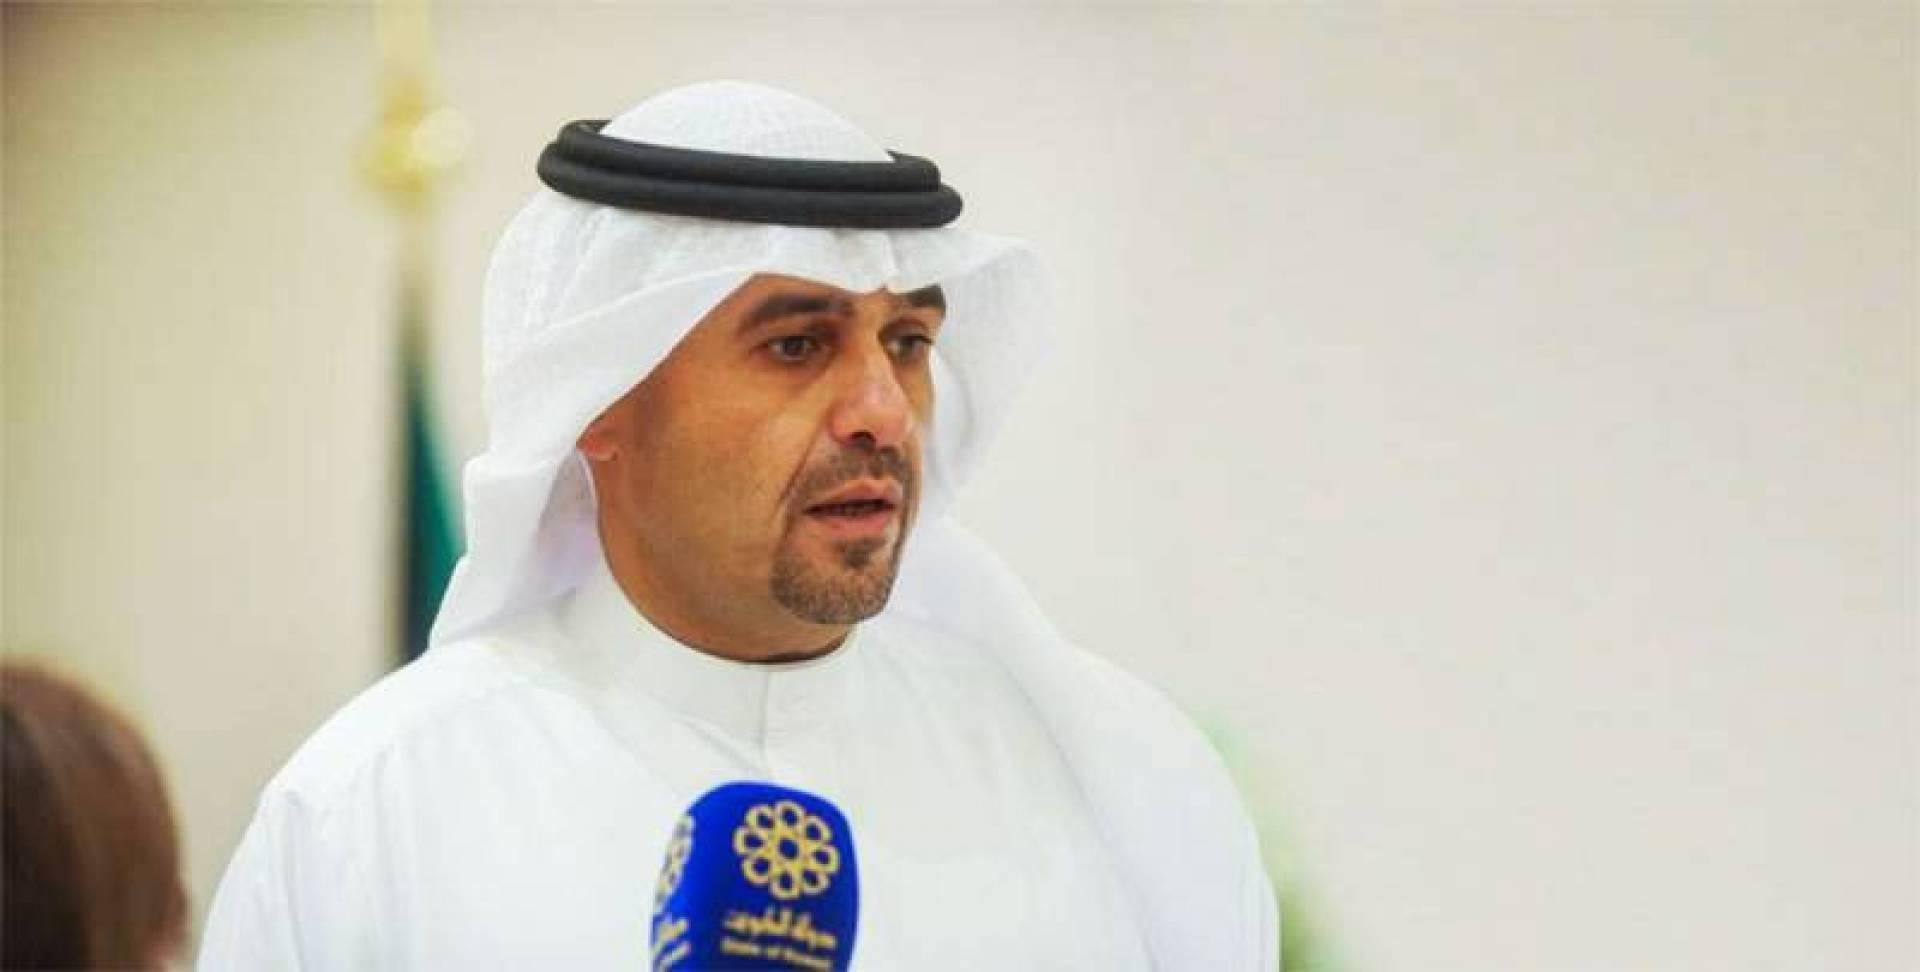 أنس الصالح: ودَّعنا أميراً مخلصاً لوطنه وقائداً عظيماً